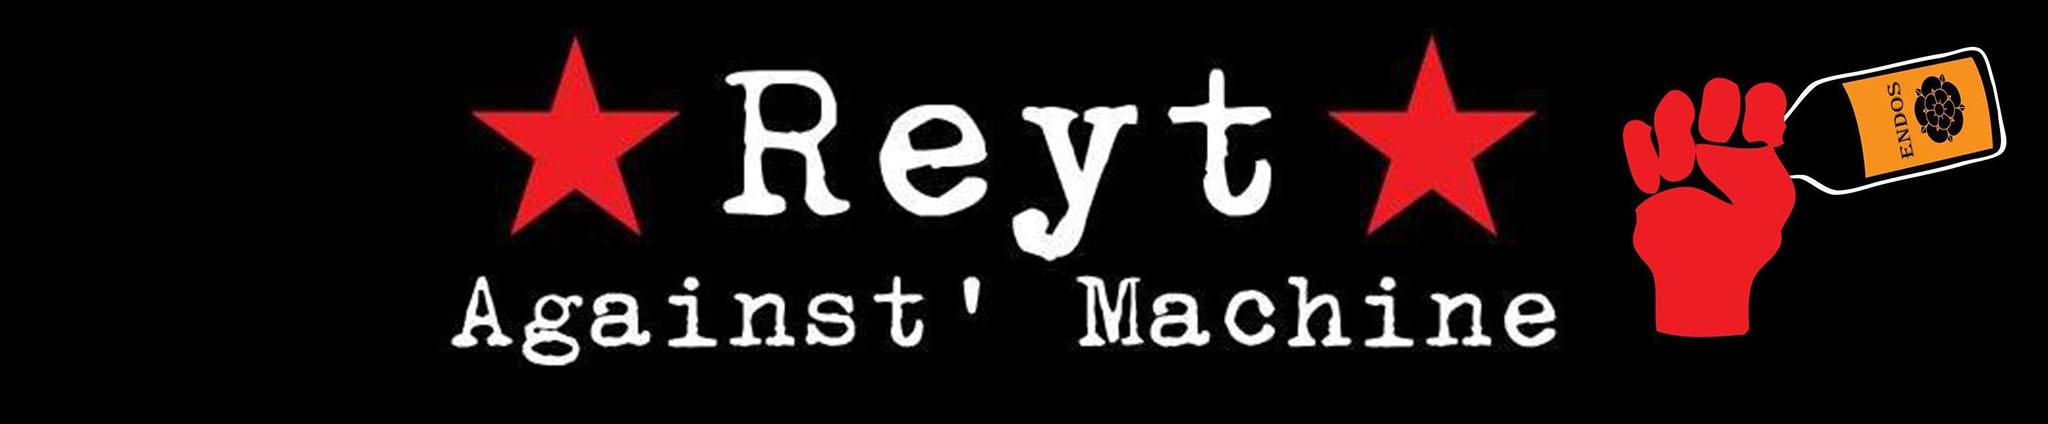 Reyt Against Machine